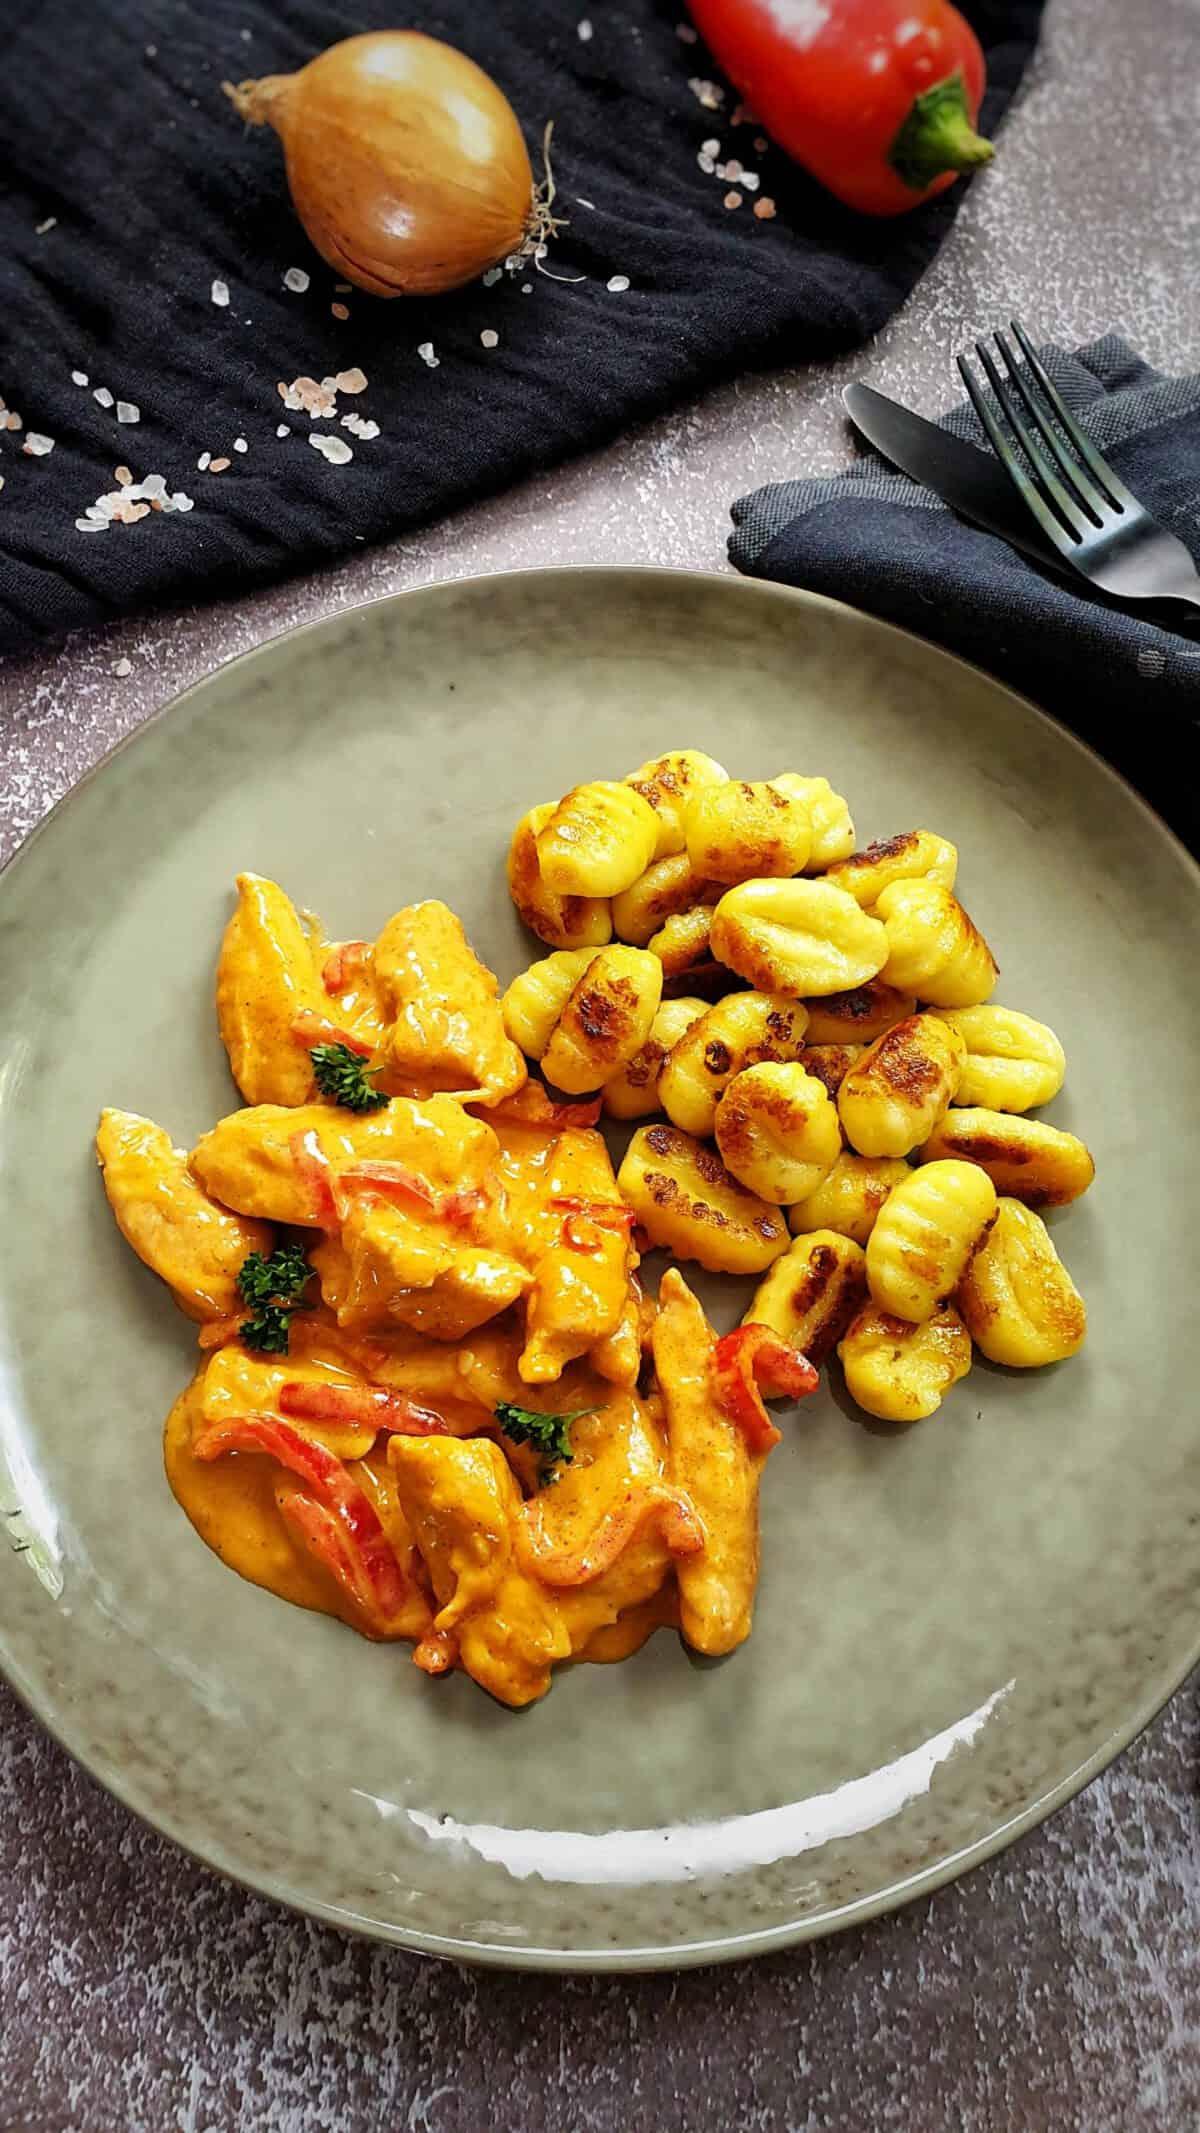 Paprika-Sahne-Hänchen mit Gnocchi auf einem grünen Teller angerichtet.